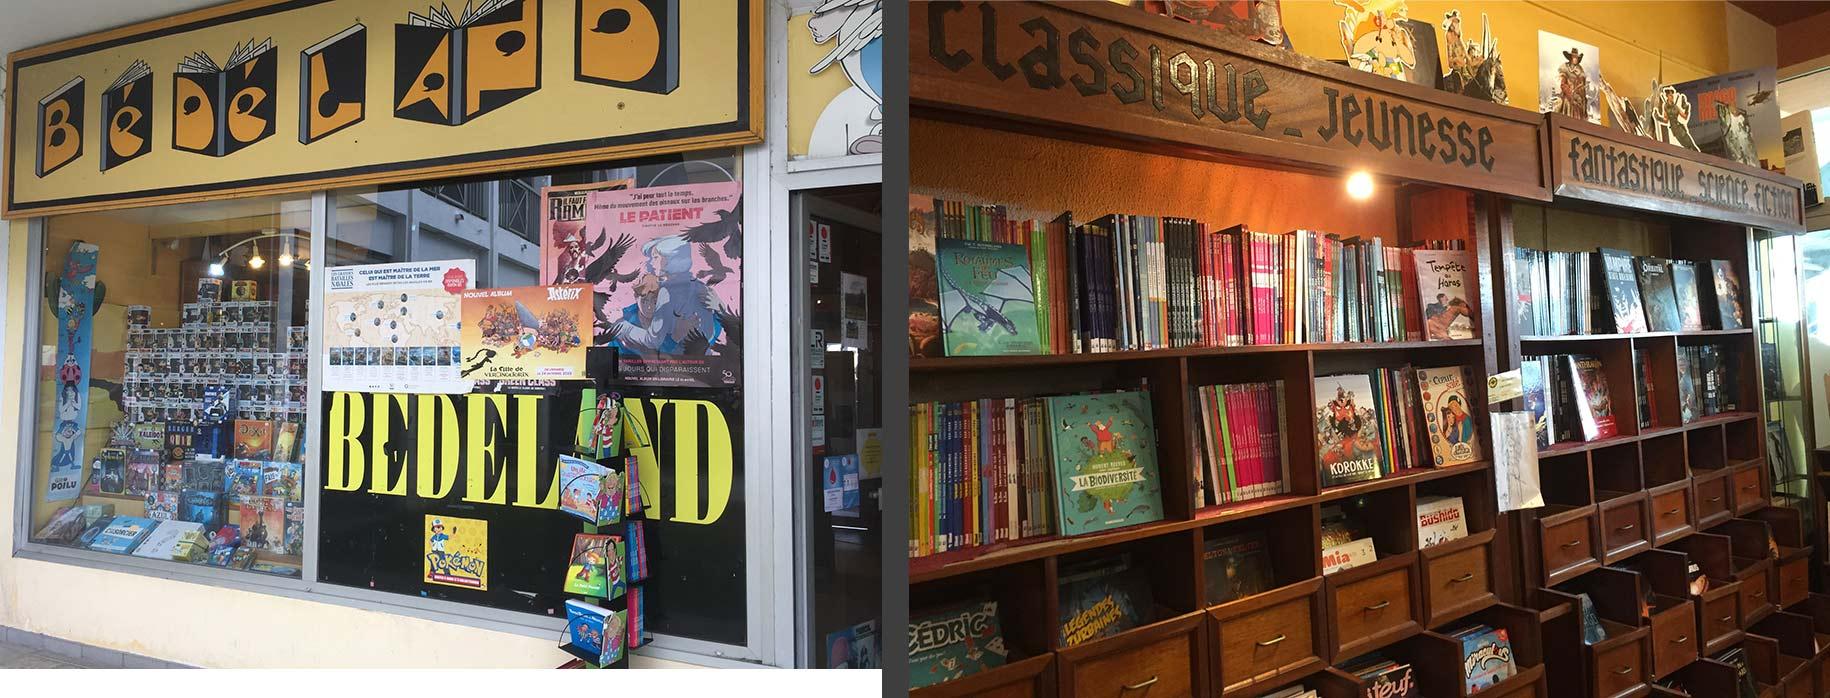 sélection de BD, mangas, figurines et jeux à Saint-Gilles les Bains (974) | Bédéland